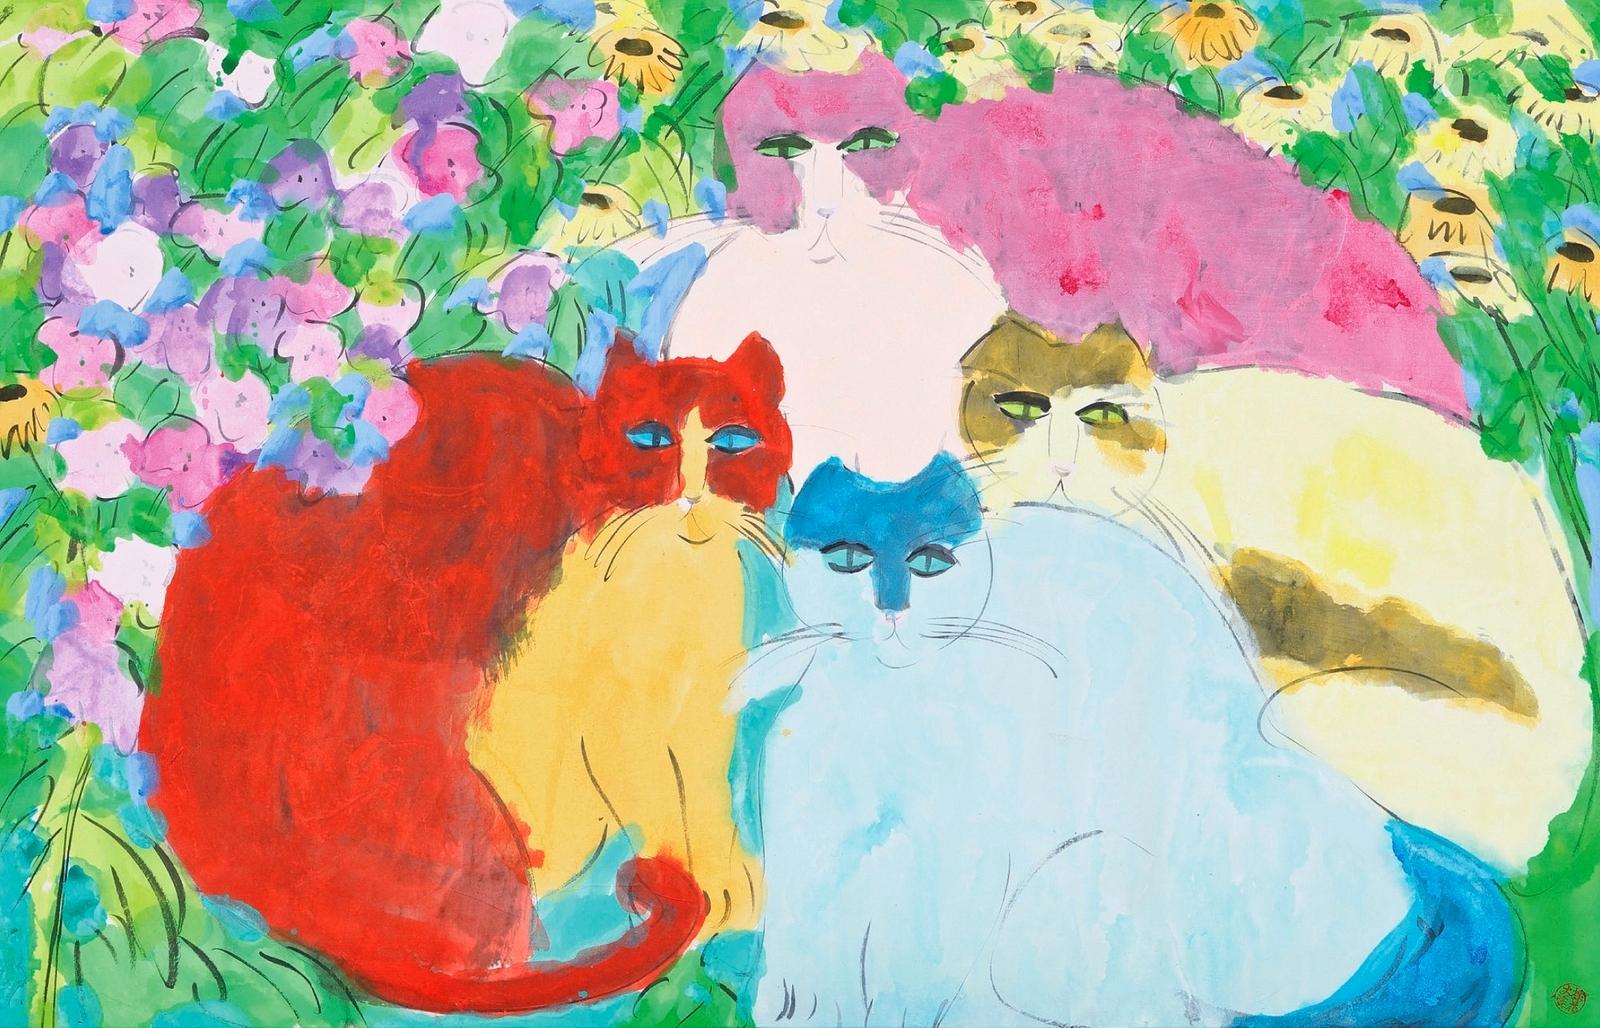 1982_Кошки с цветами (Cats With Flowers)_70 х 108.5_бумага, акрил_Частное собрание.jpg